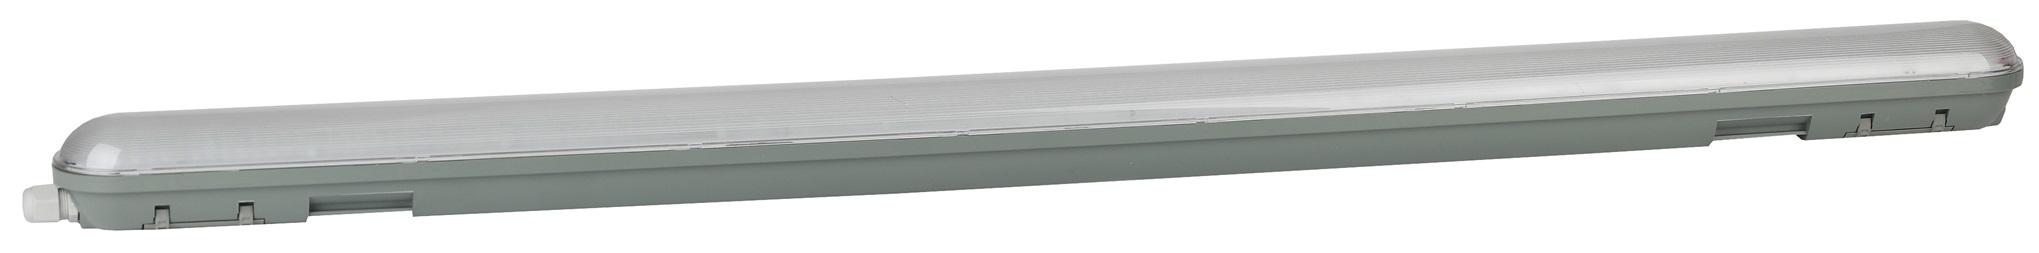 Светильник типа Айсберг - прозрачный рассеиватель